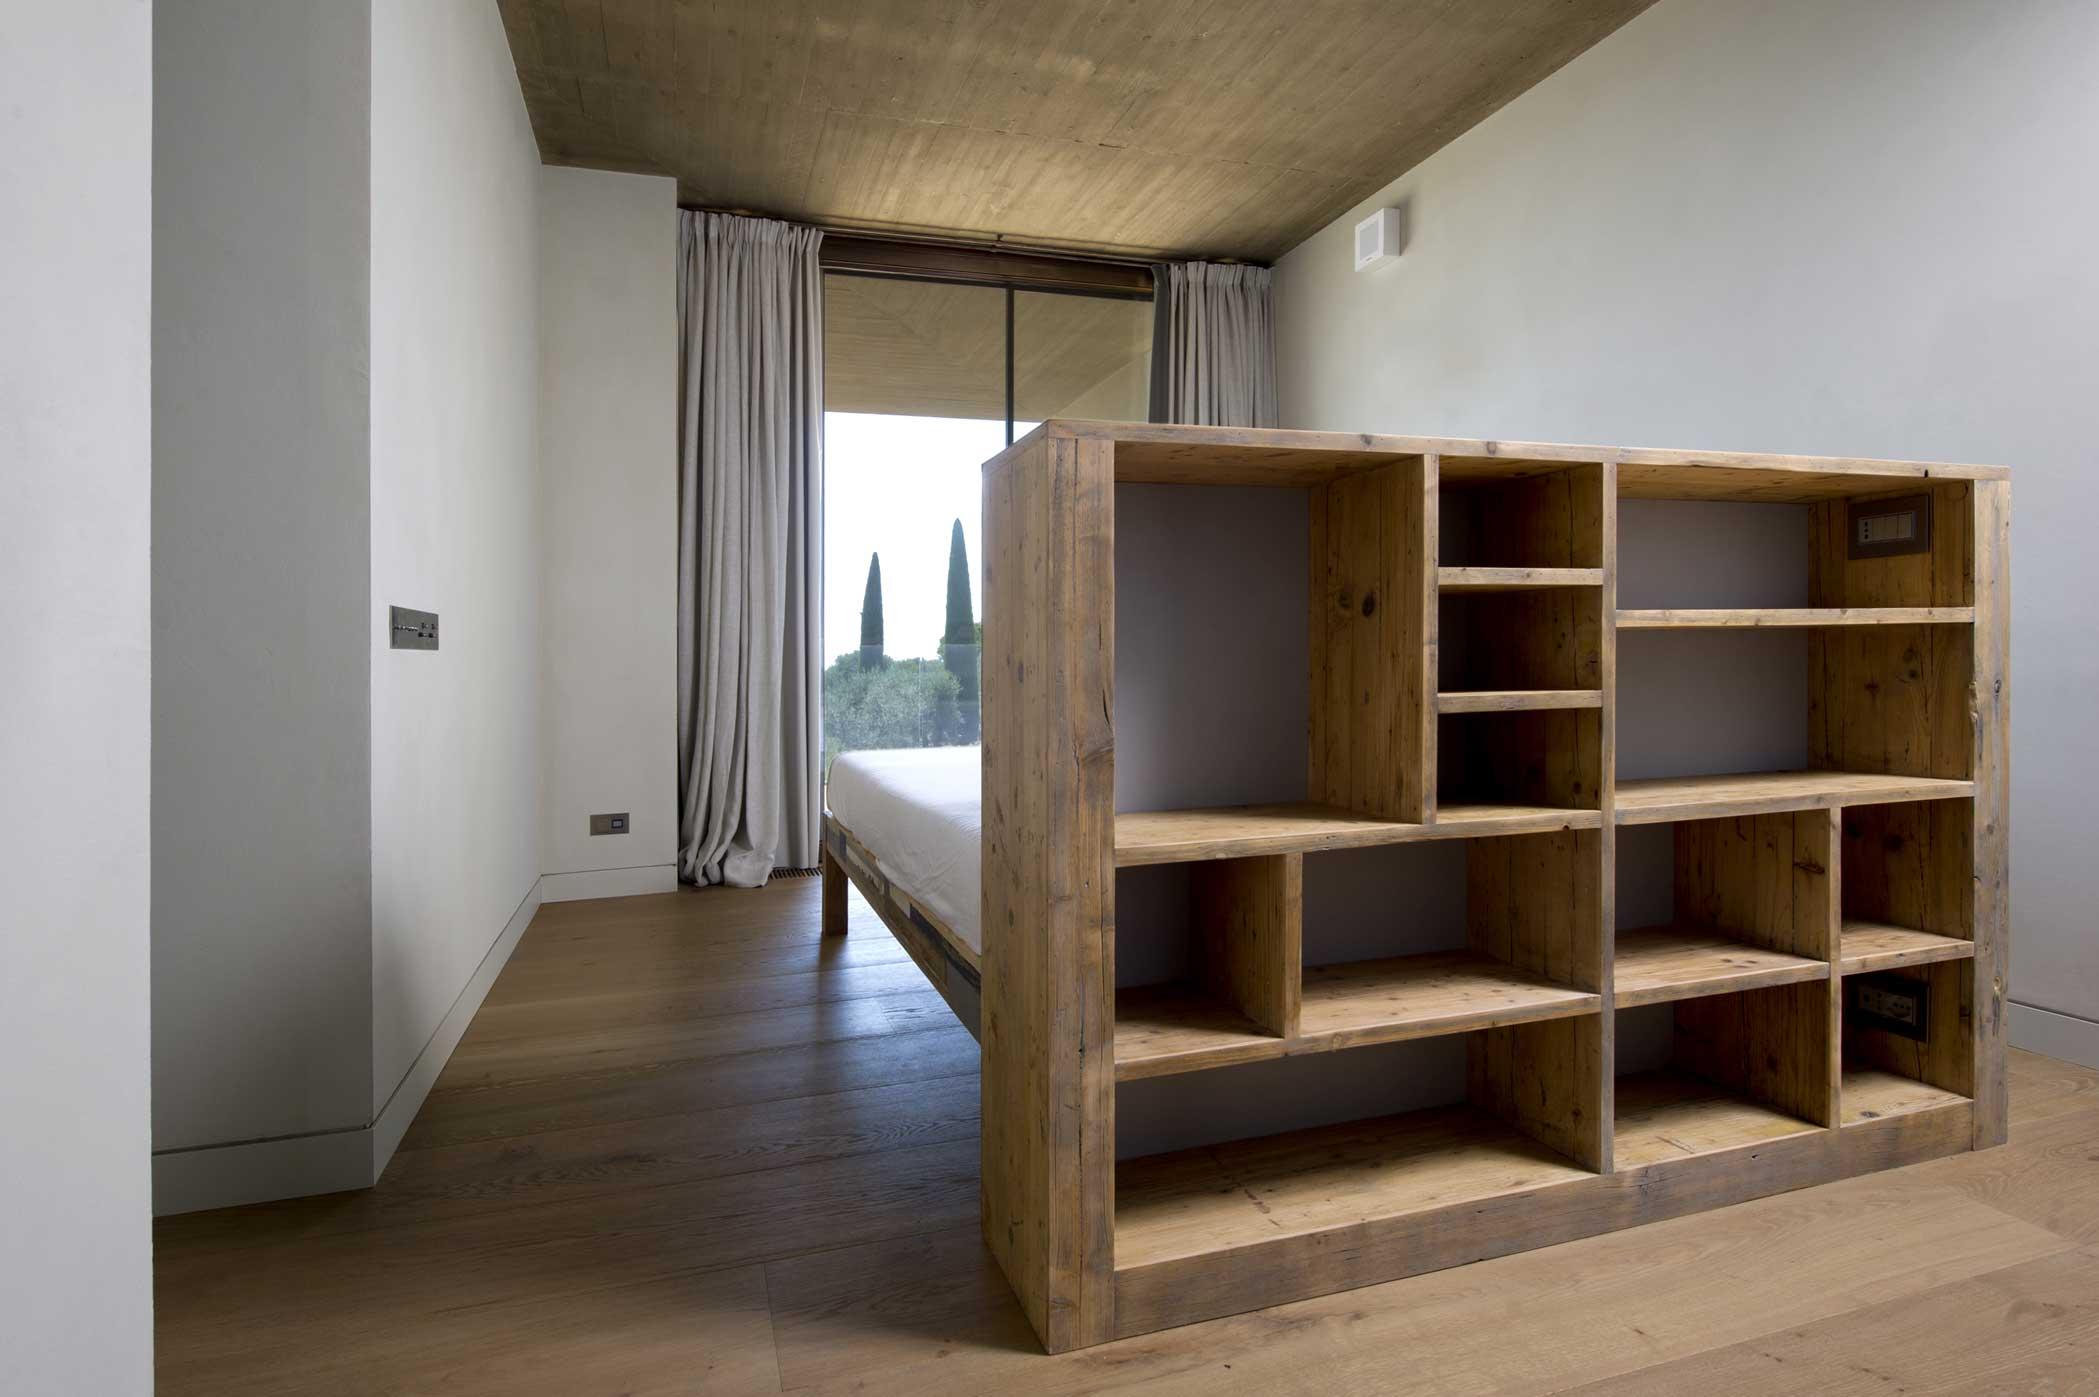 Spalliera letto in legno di recupero con libreria su misura